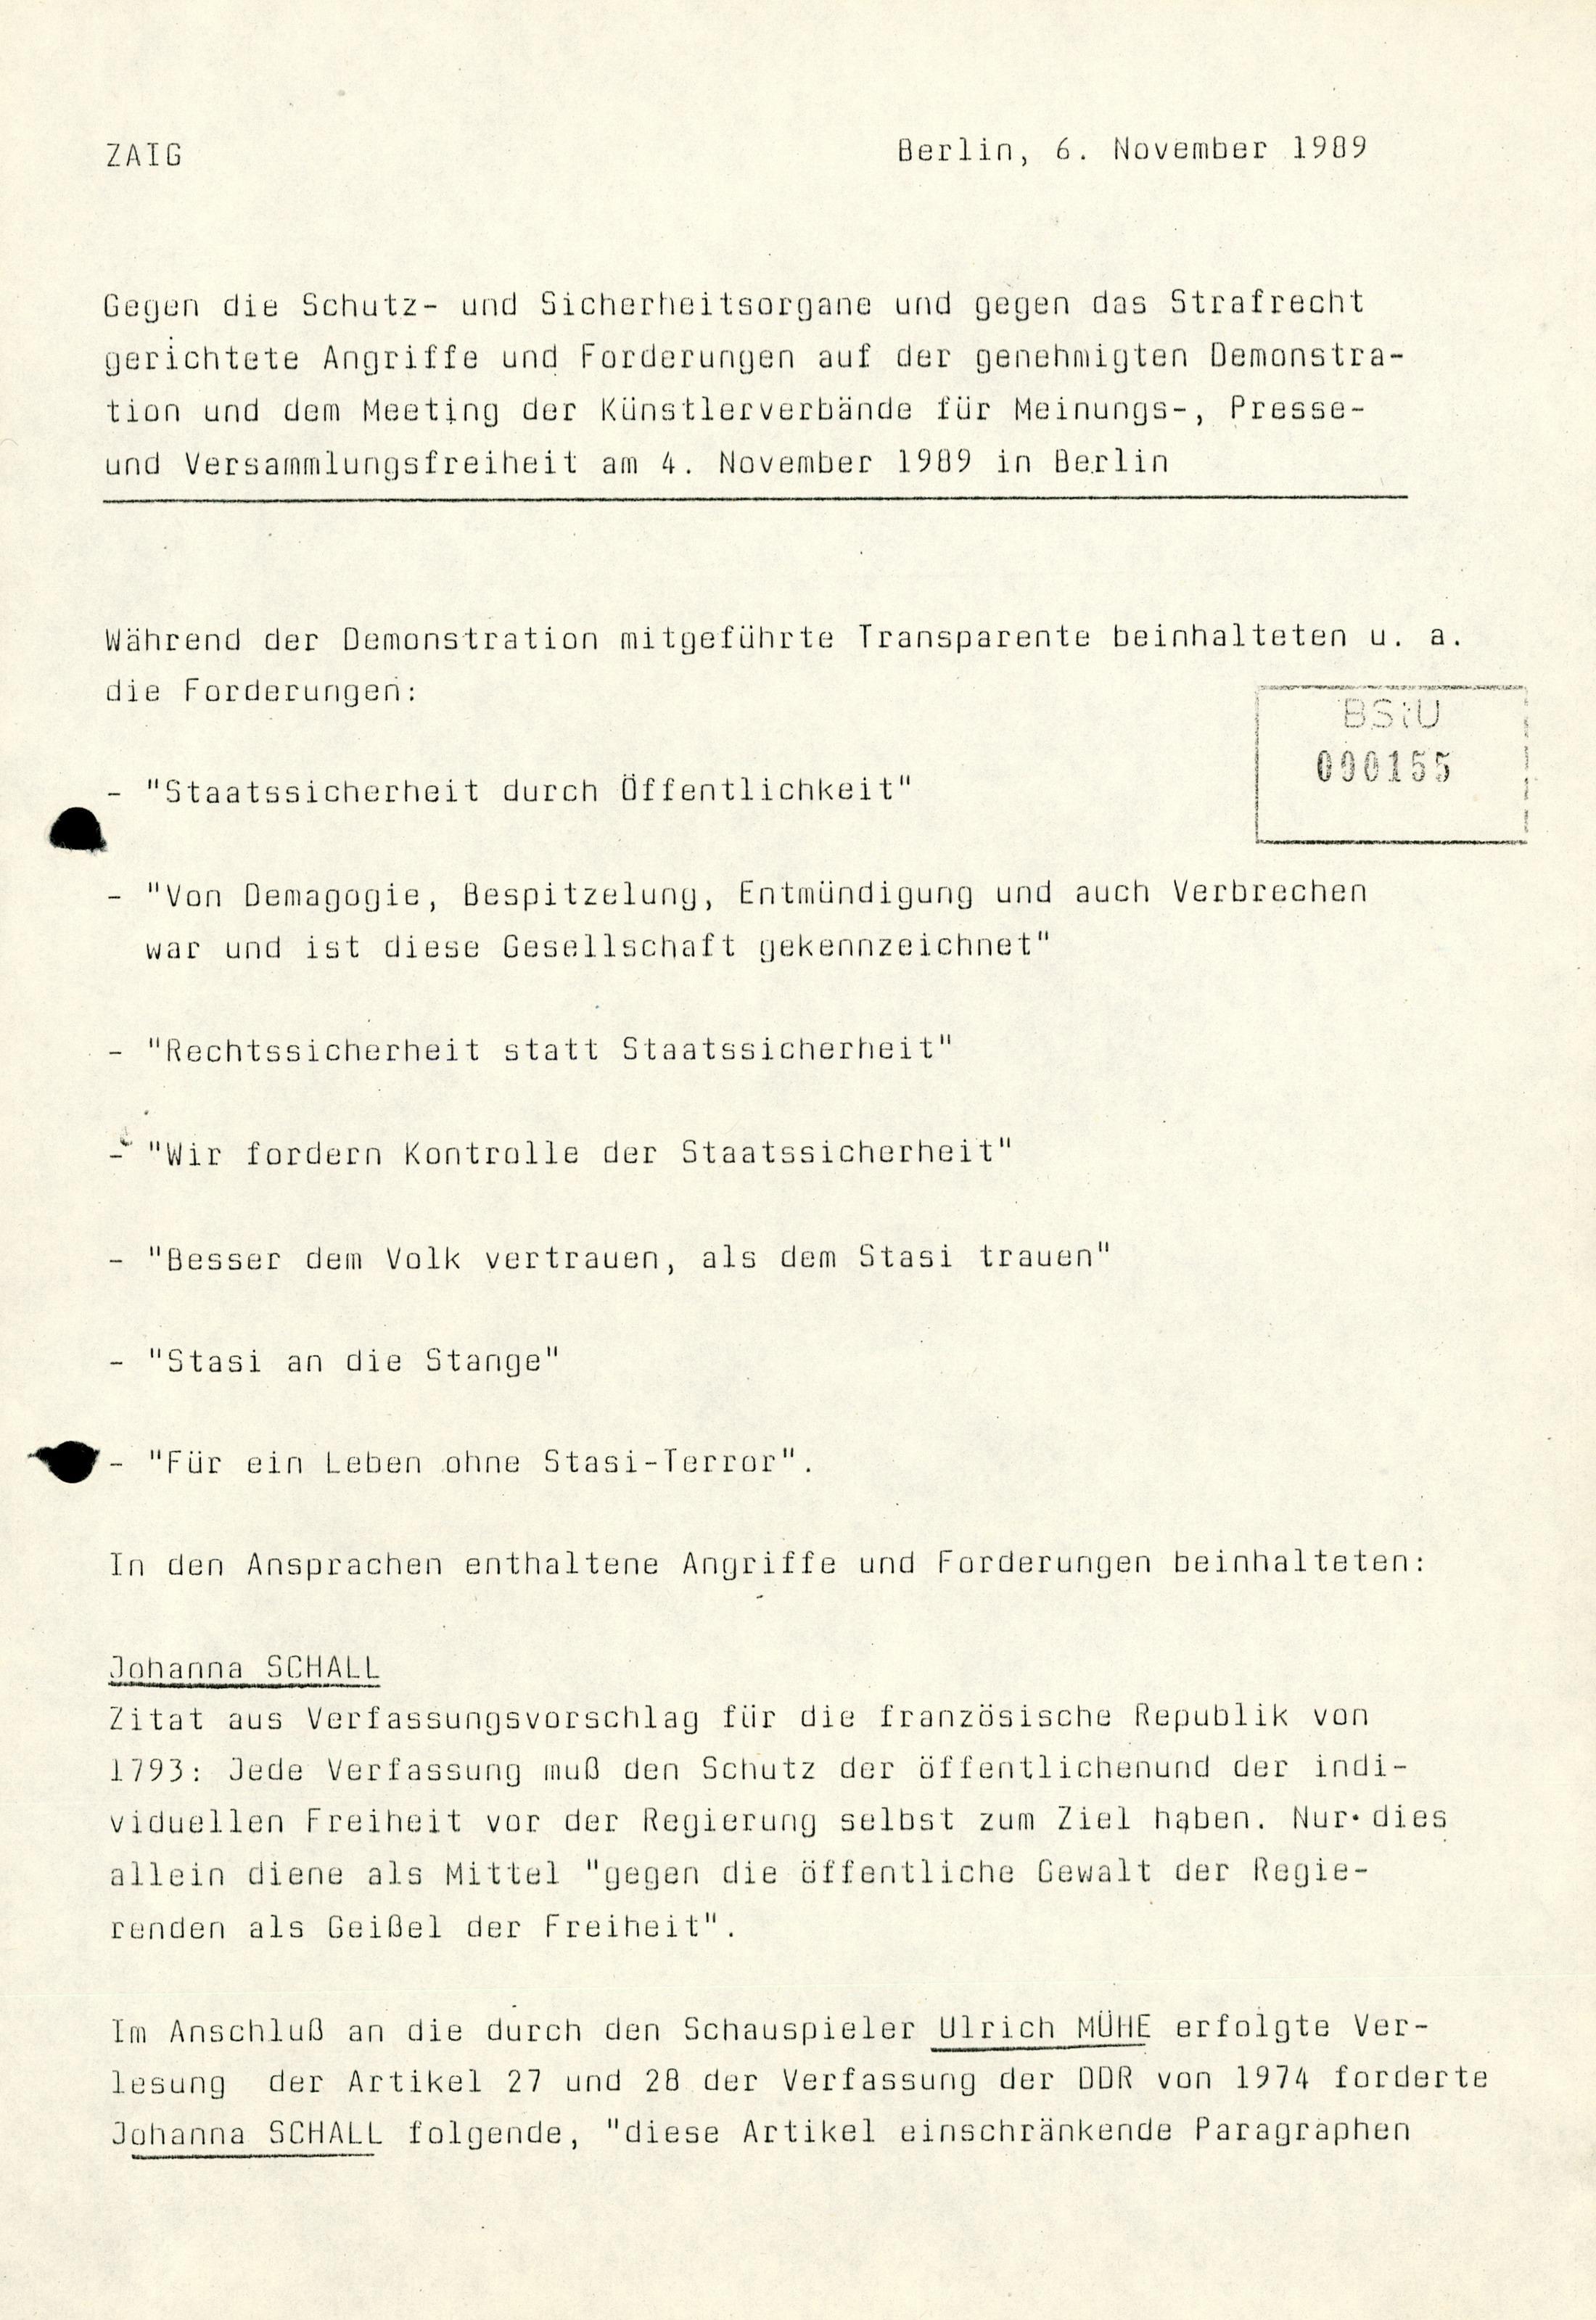 Demo 04.11.1989 in Berlin Redner gegen die Staatsmacht der DDR